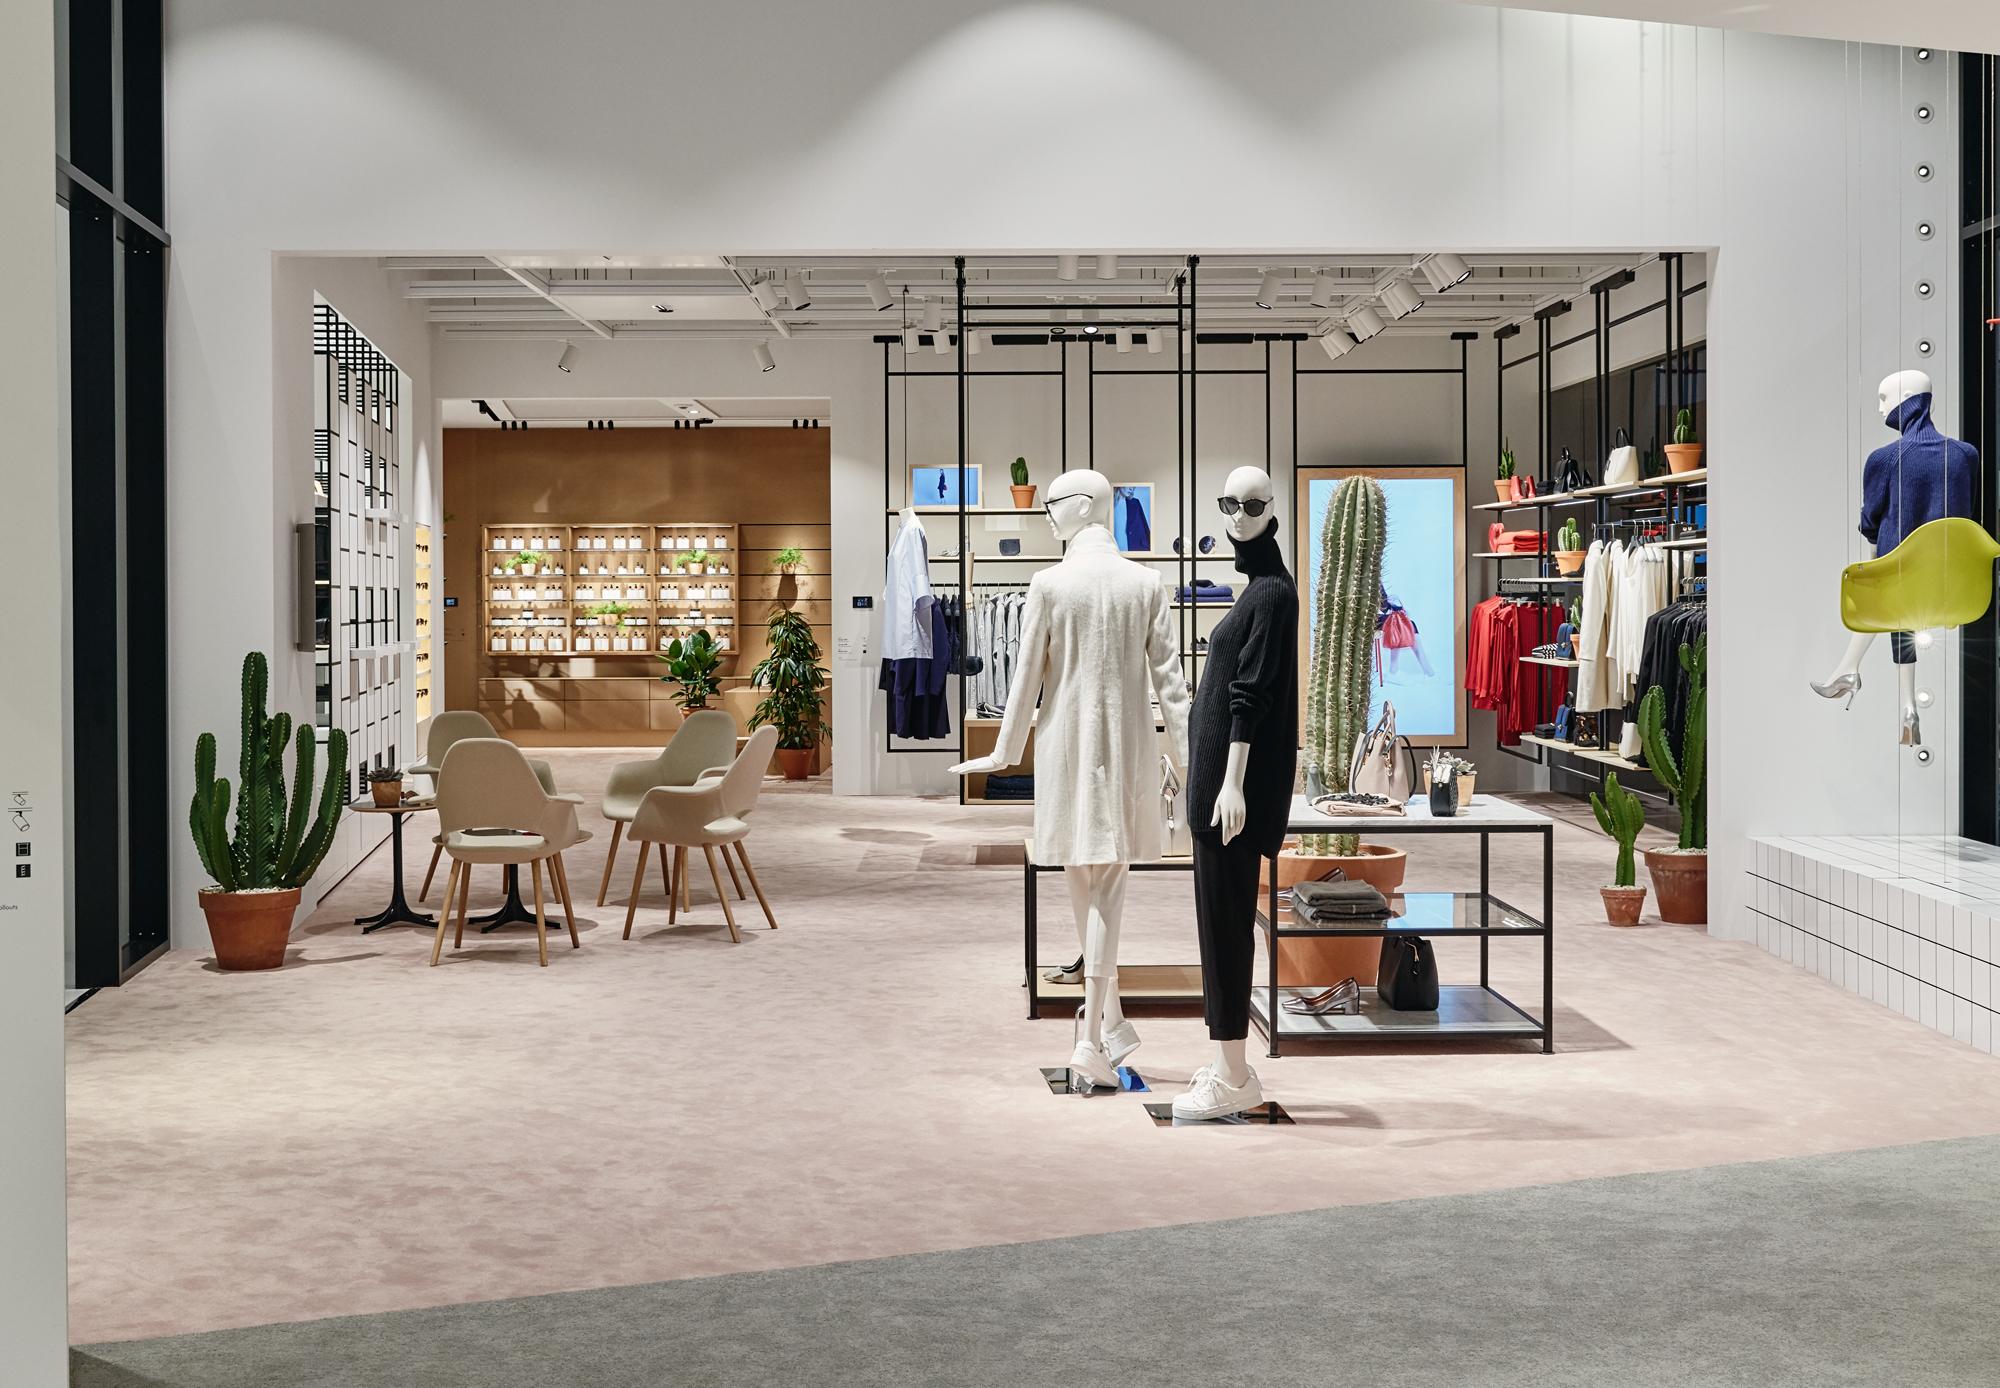 高端商场设计店面店铺设计服装店设计专卖店室内装修设计效果图